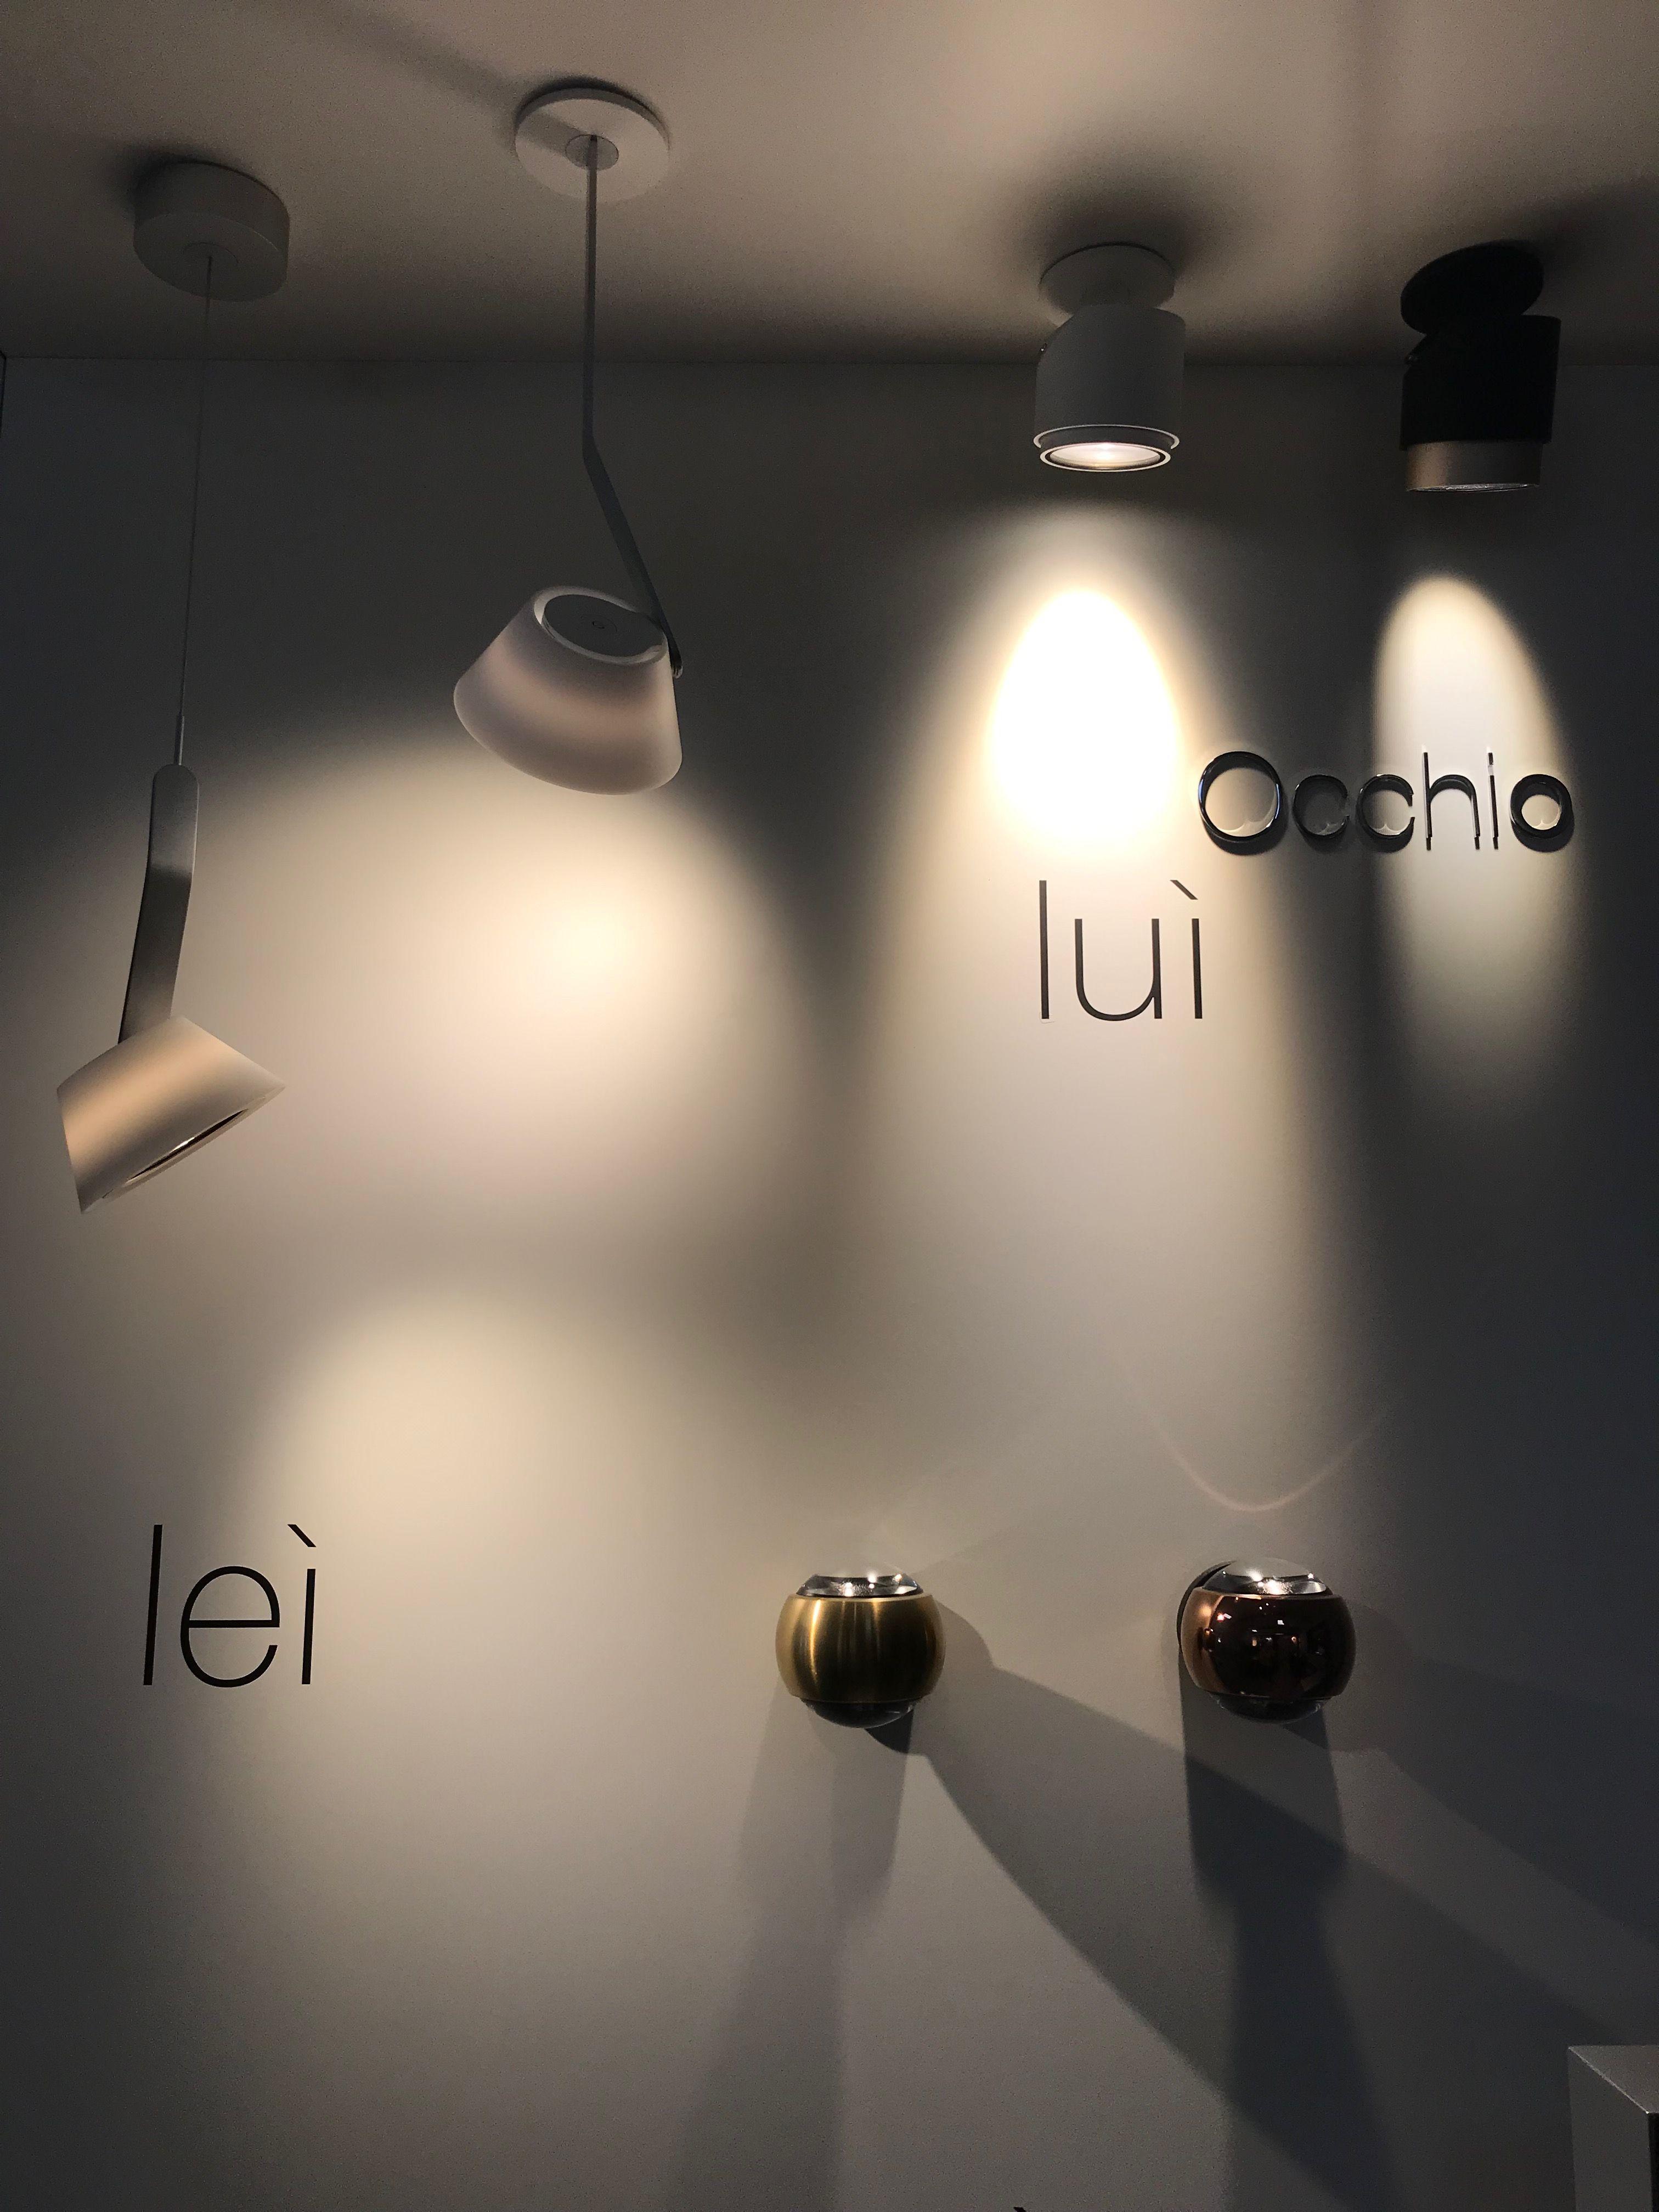 Schon Unsere Occhio Lampen Bei Uns Im Store Entdeckt Kommt Vorbei Wir Beraten Euch Sehr Gerne Dazu Euer Mg Interior Tea Ausstellungsstuck Licht Beleuchtung